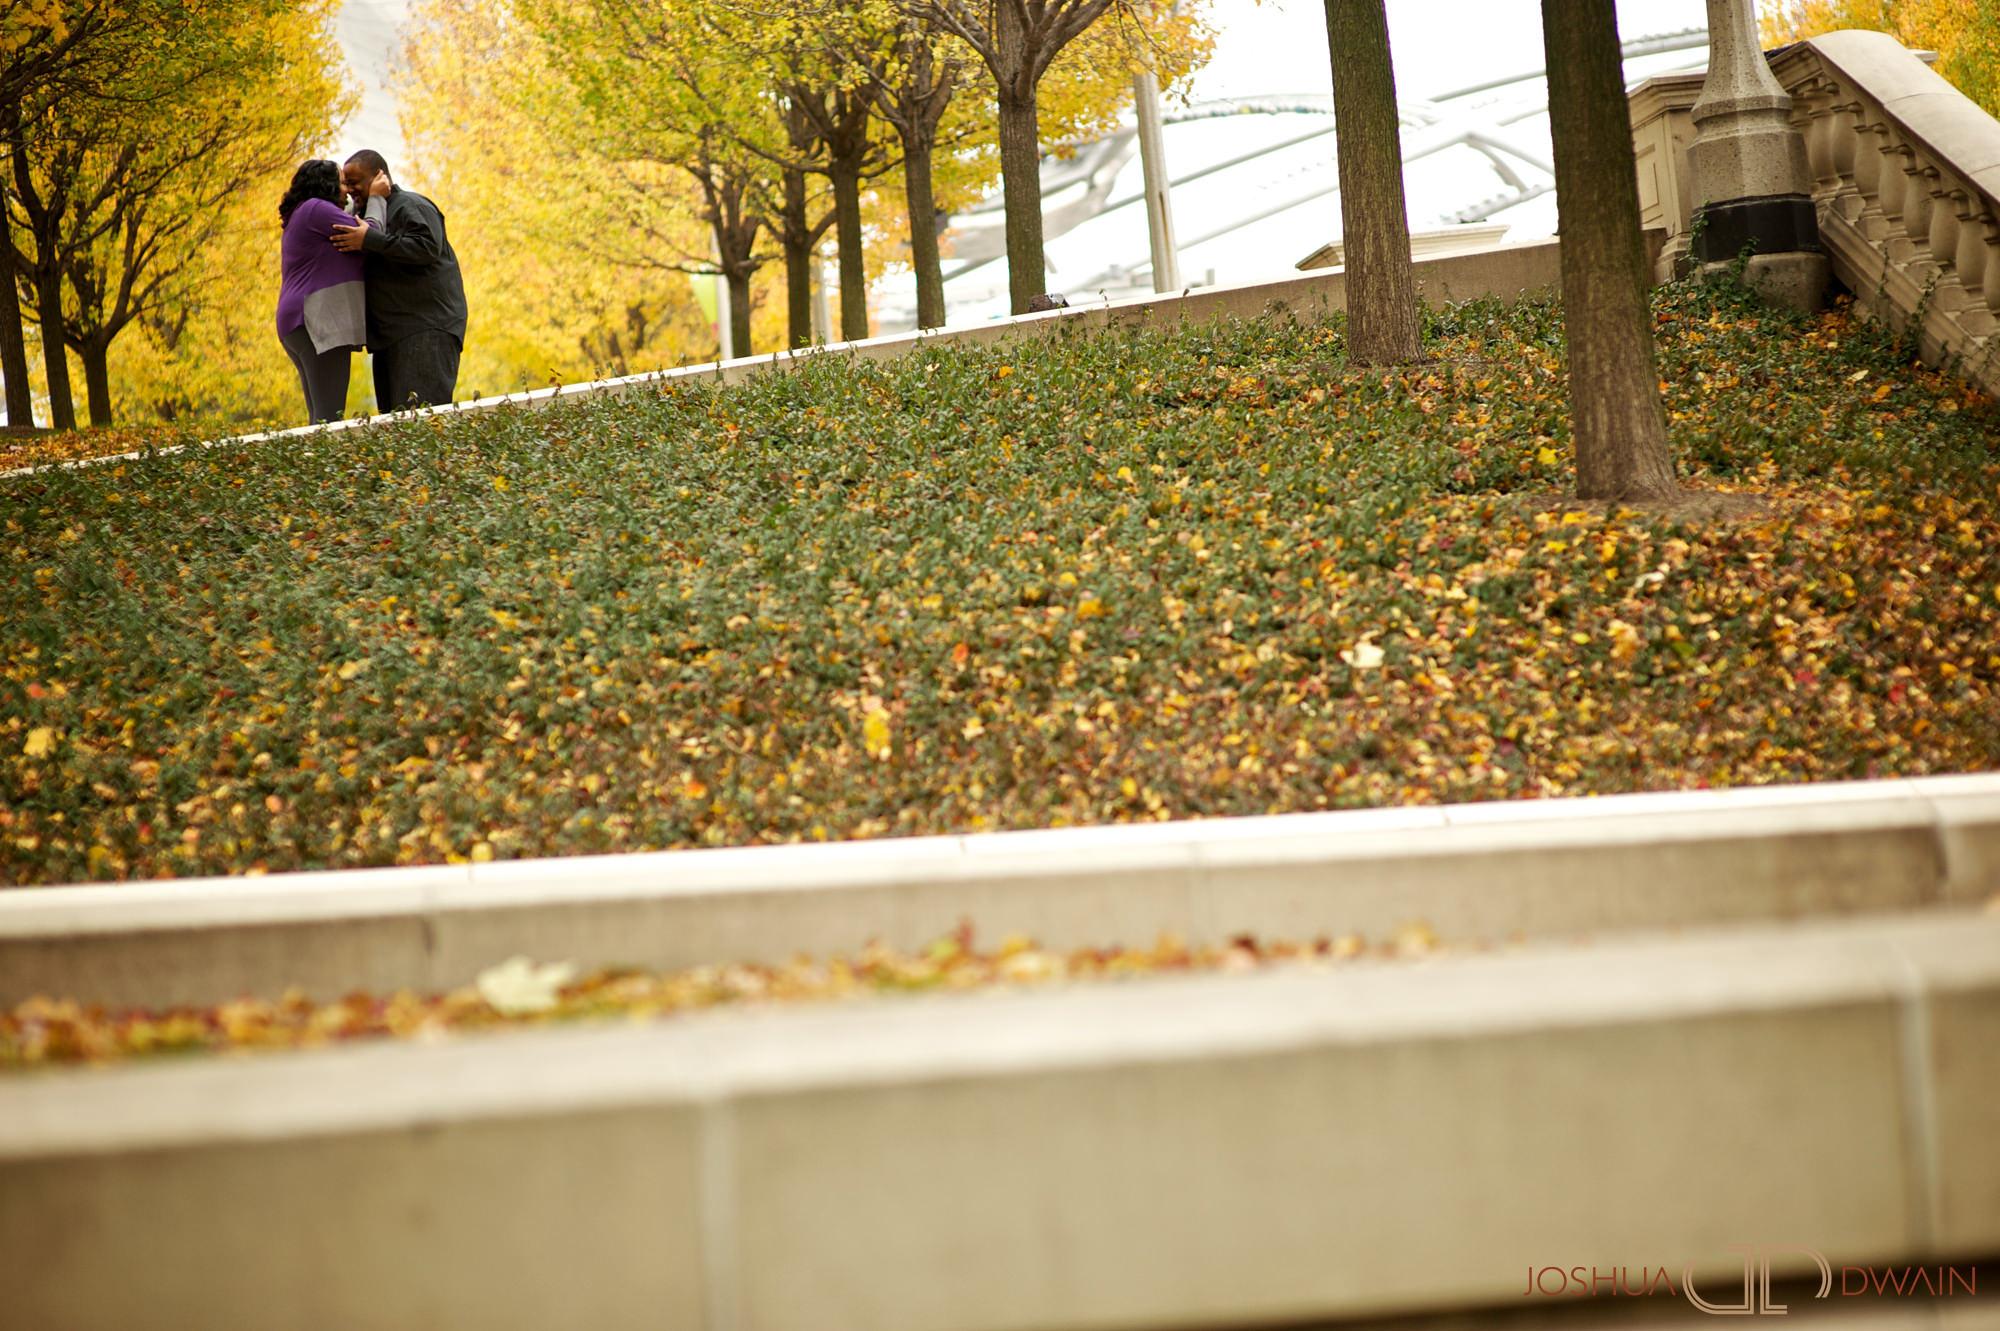 monique-john-003-chicago-il-engagement-photographer-joshua-dwain-2011-11-19_mj_014